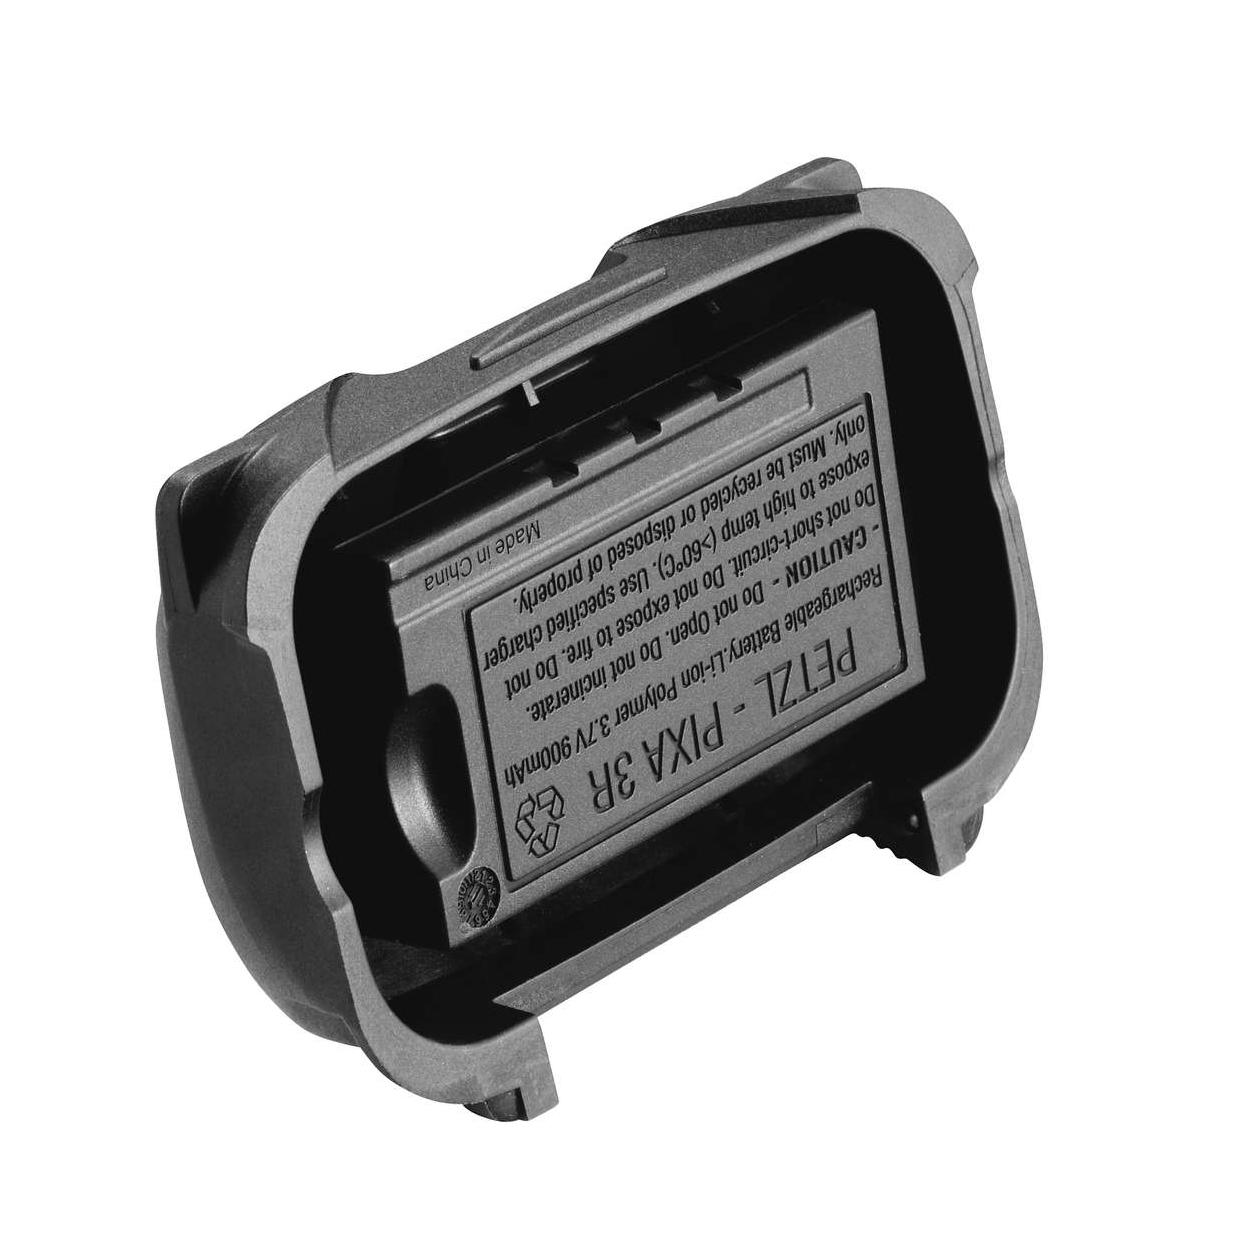 Accesorios linternas frontales compactas y robustas